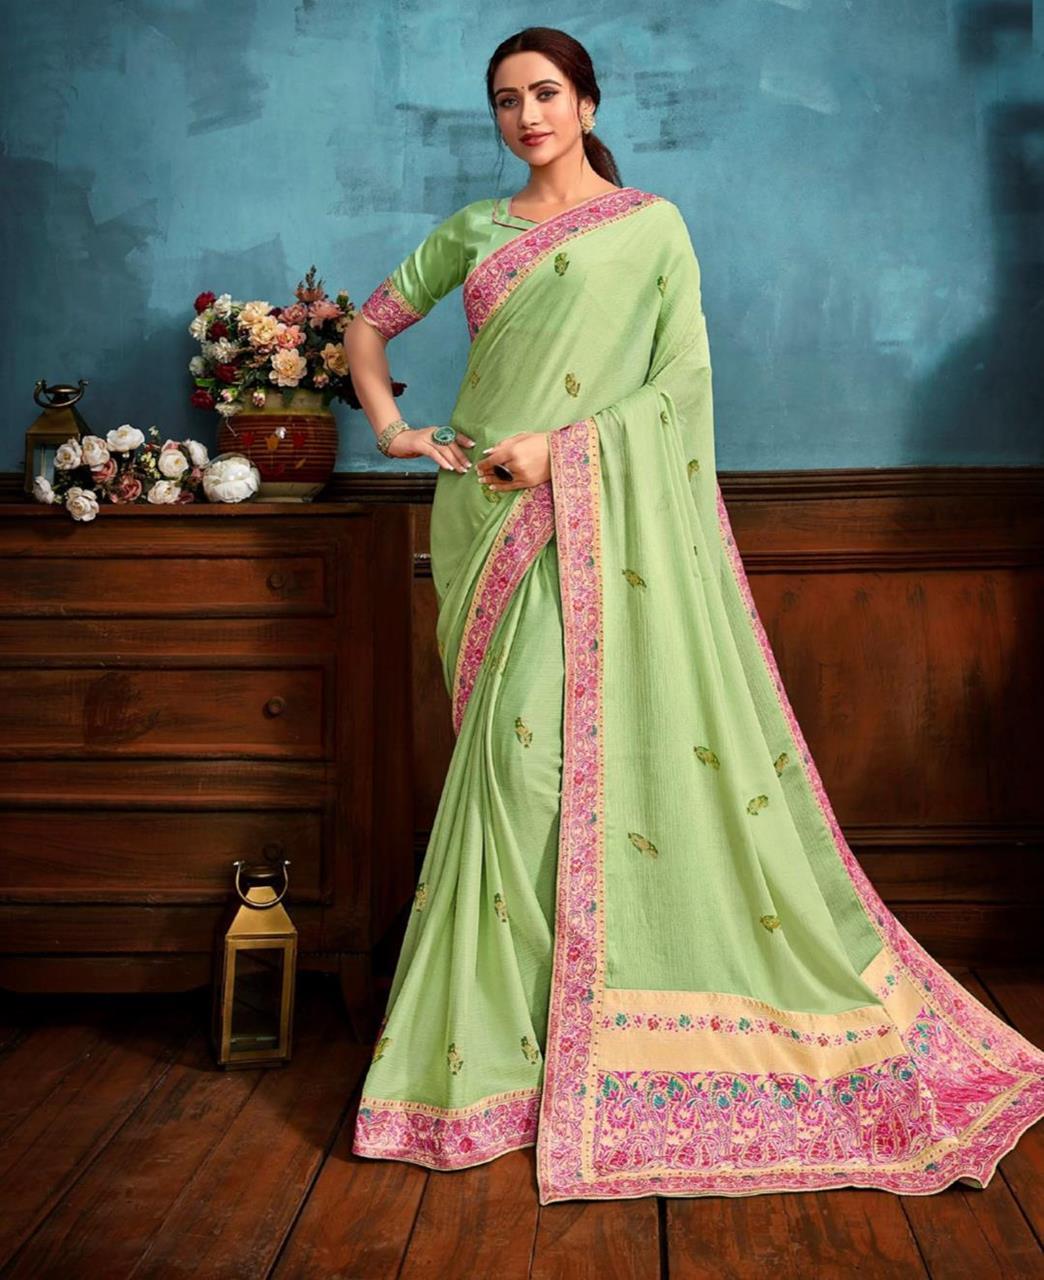 Printed Chiffon Saree in Light Green